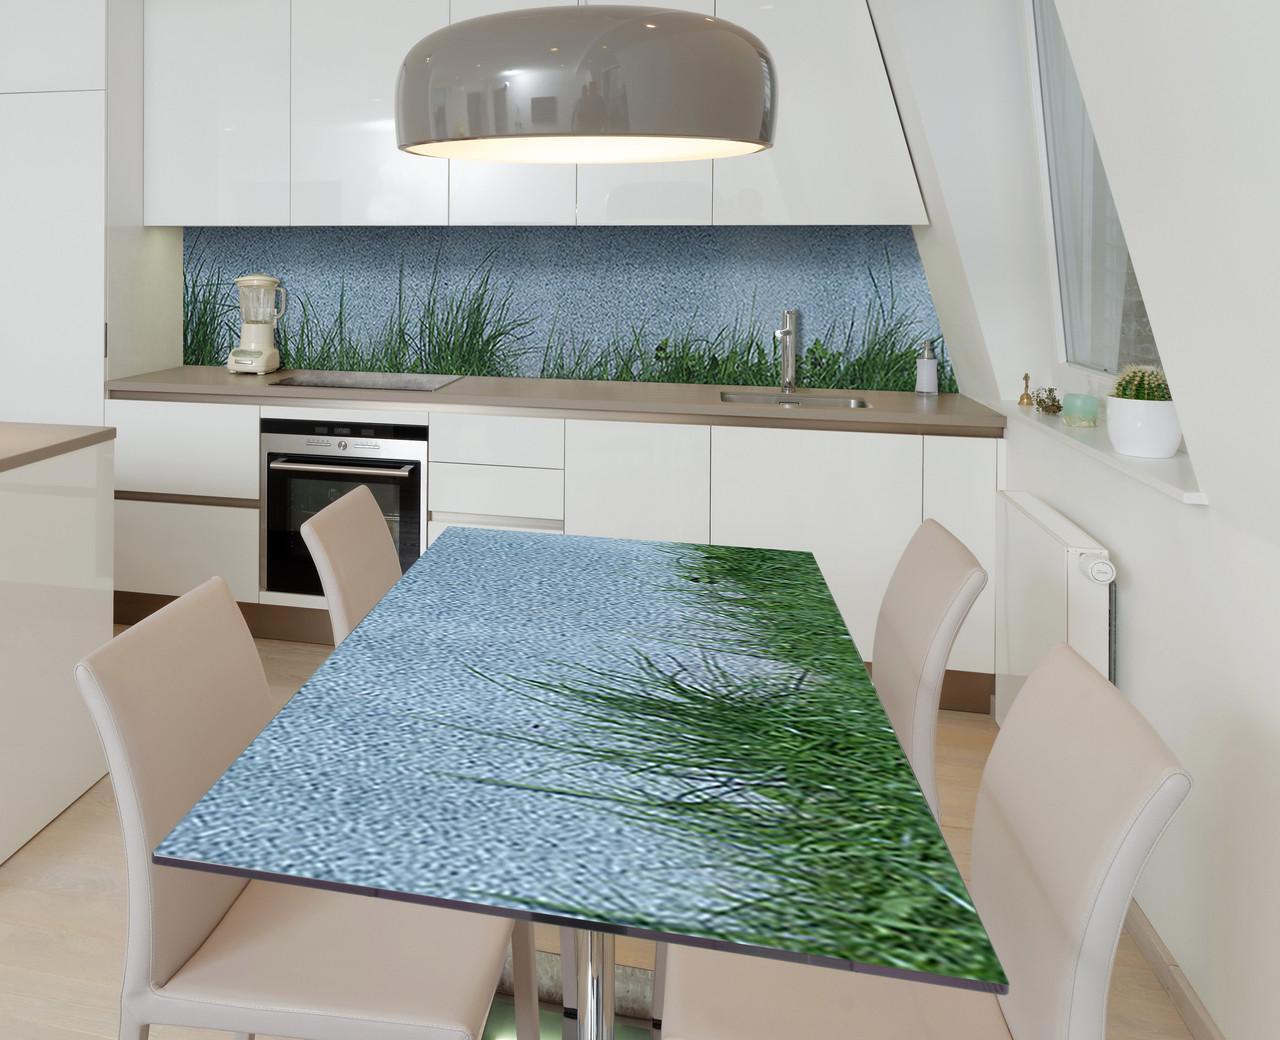 Наклейка 3Д вінілова на стіл Zatarga «На м'якій траві» 600х1200 мм для будинків, квартир, столів, кофеєнь, кафе